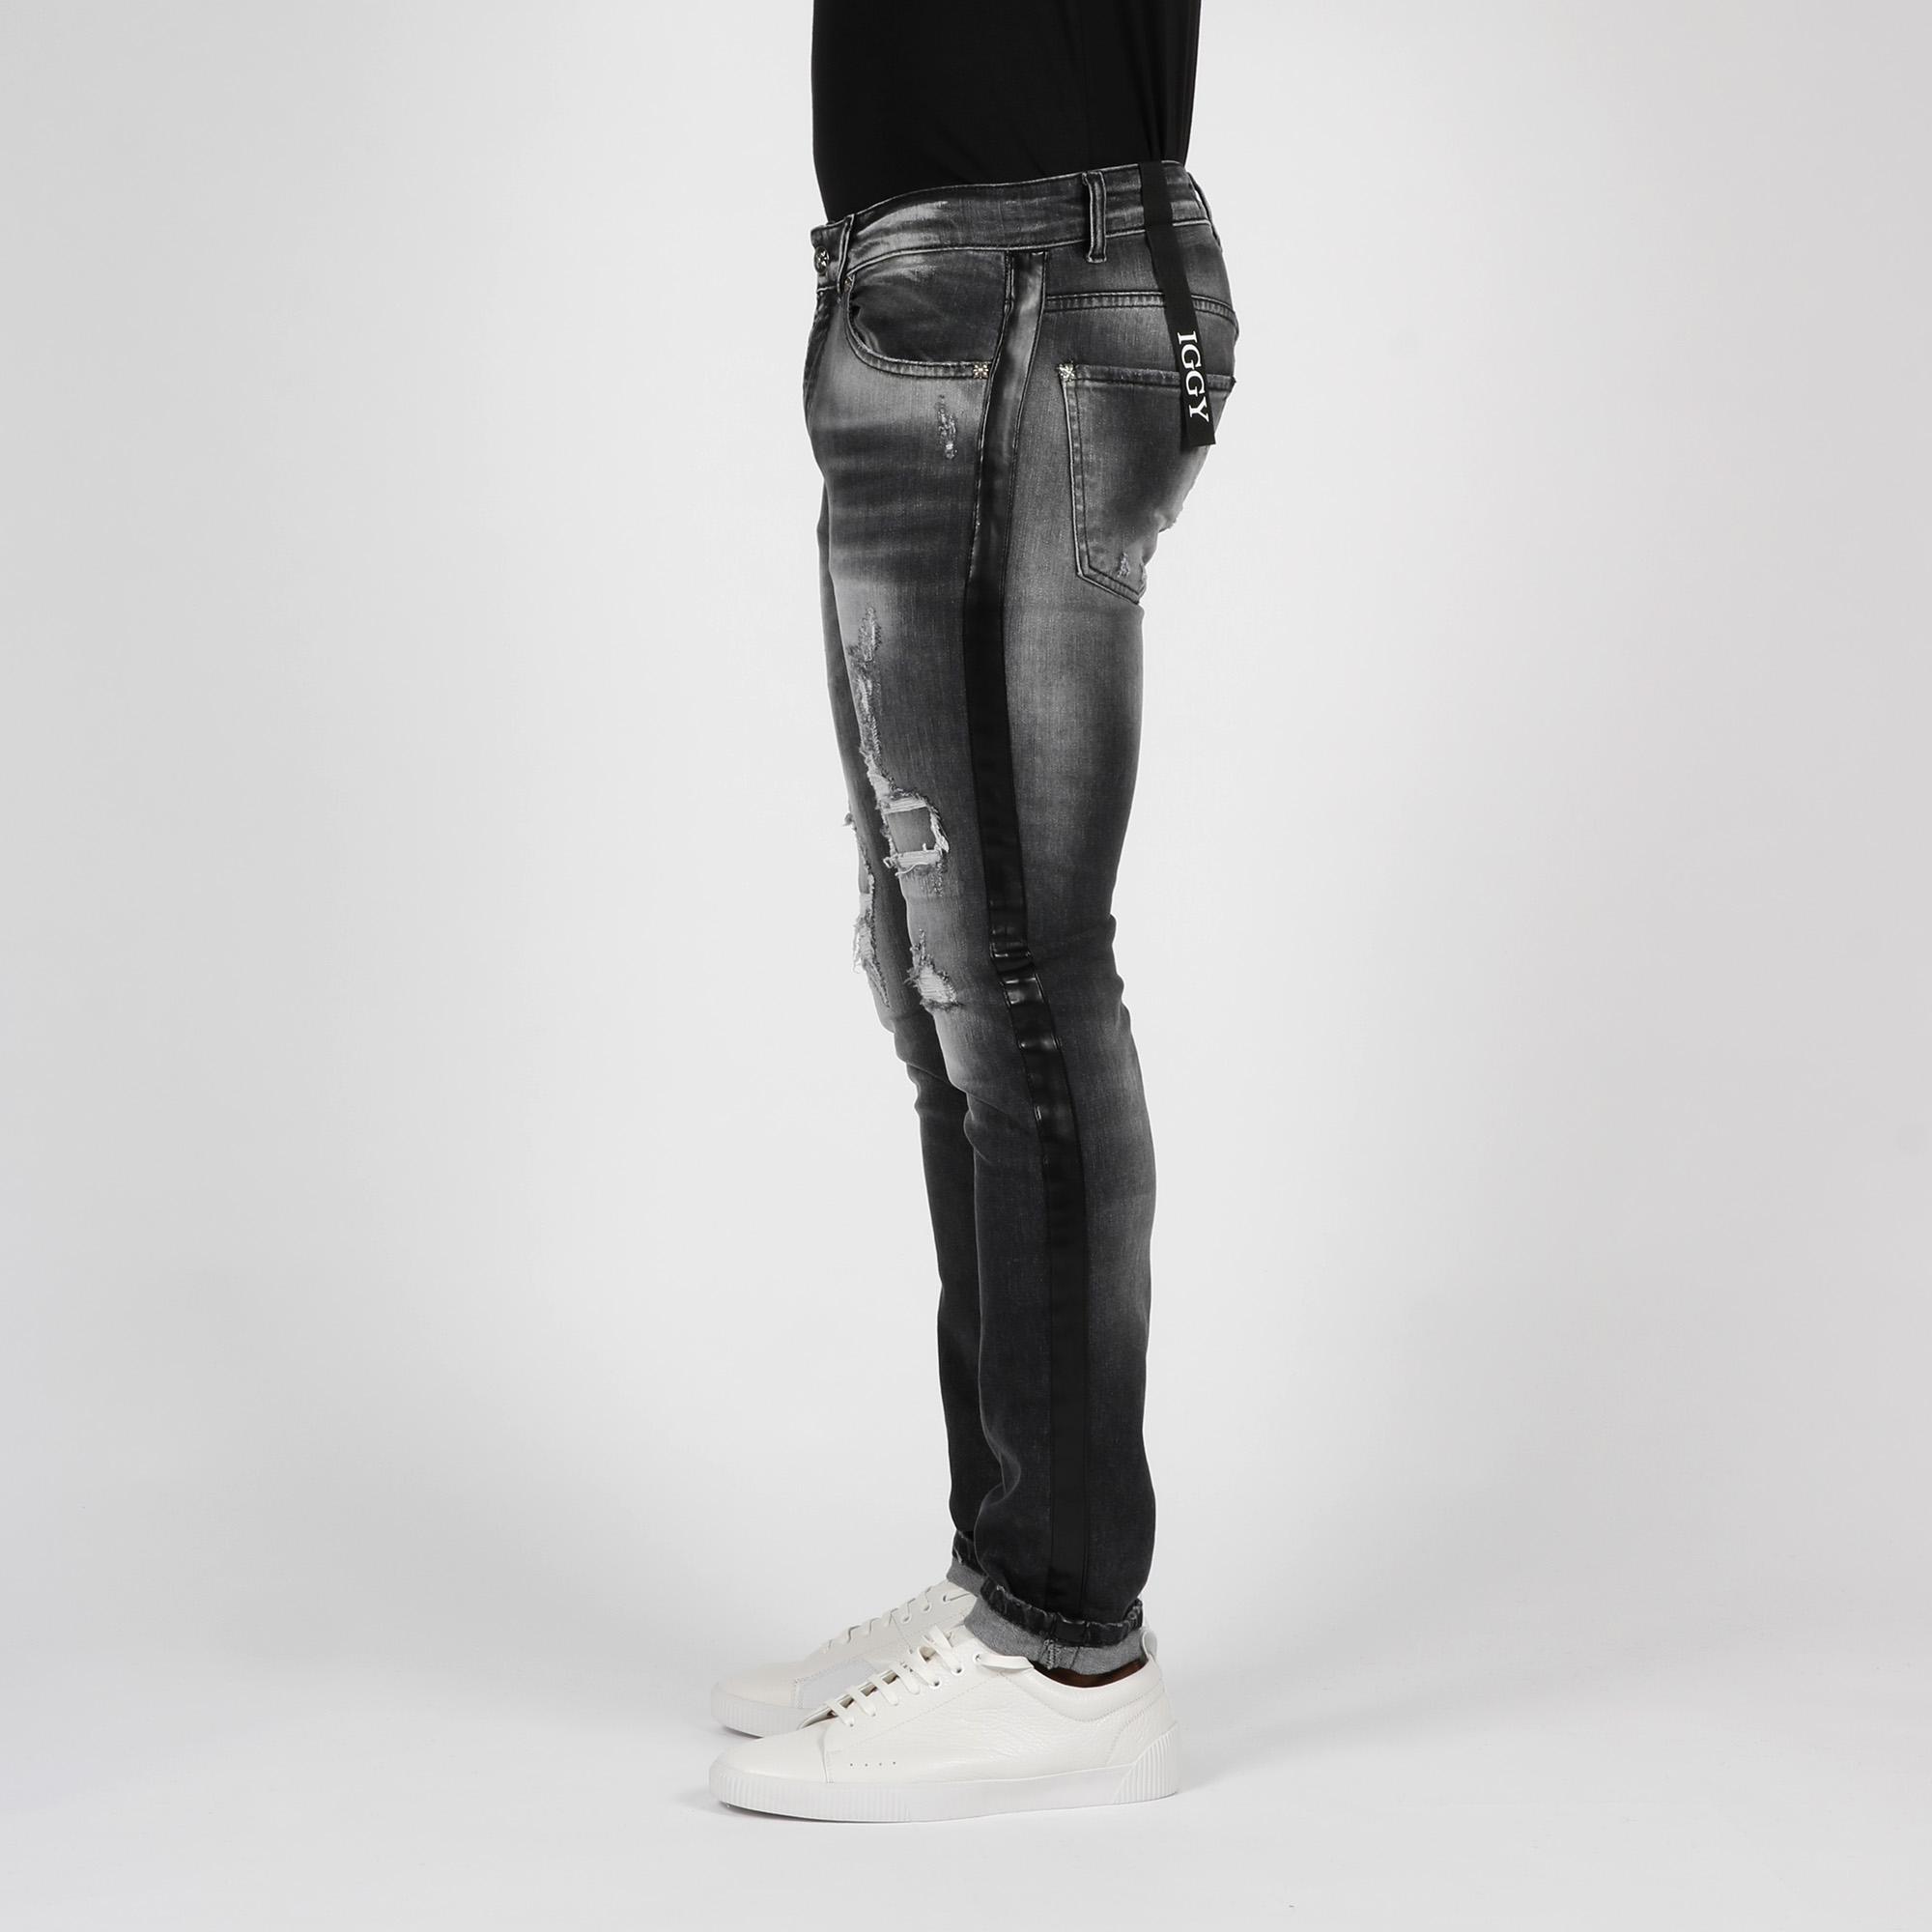 Jeans delnorte -  Denim scuro